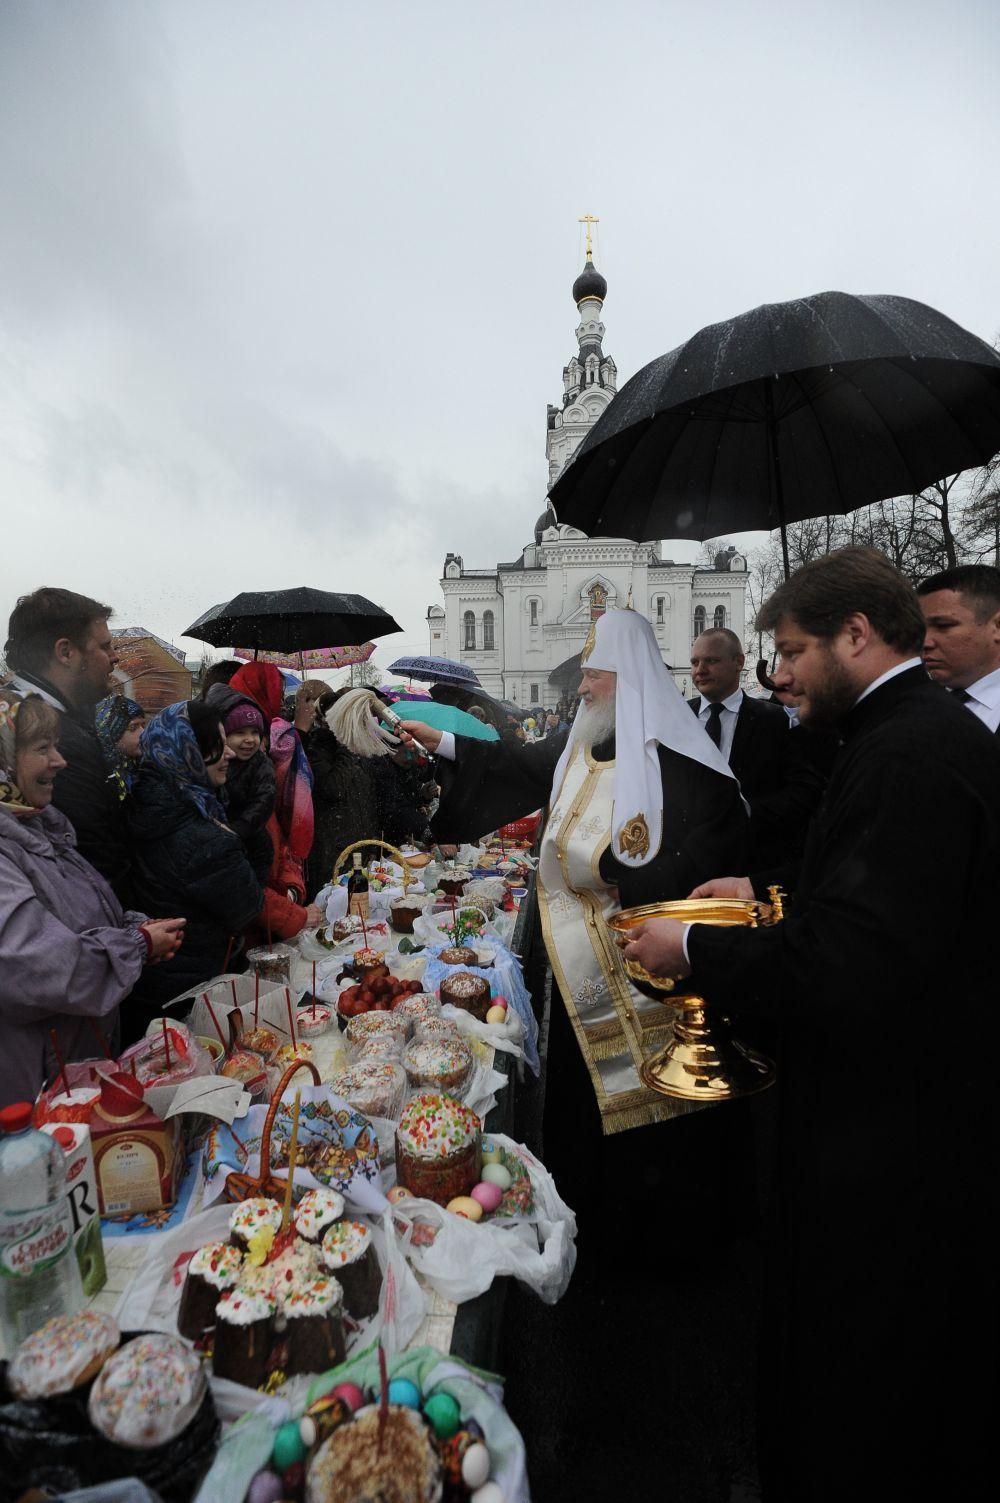 Ежегодно Патриарх принимает участие в освящениипасхальных куличейнаравне с другими священниками.